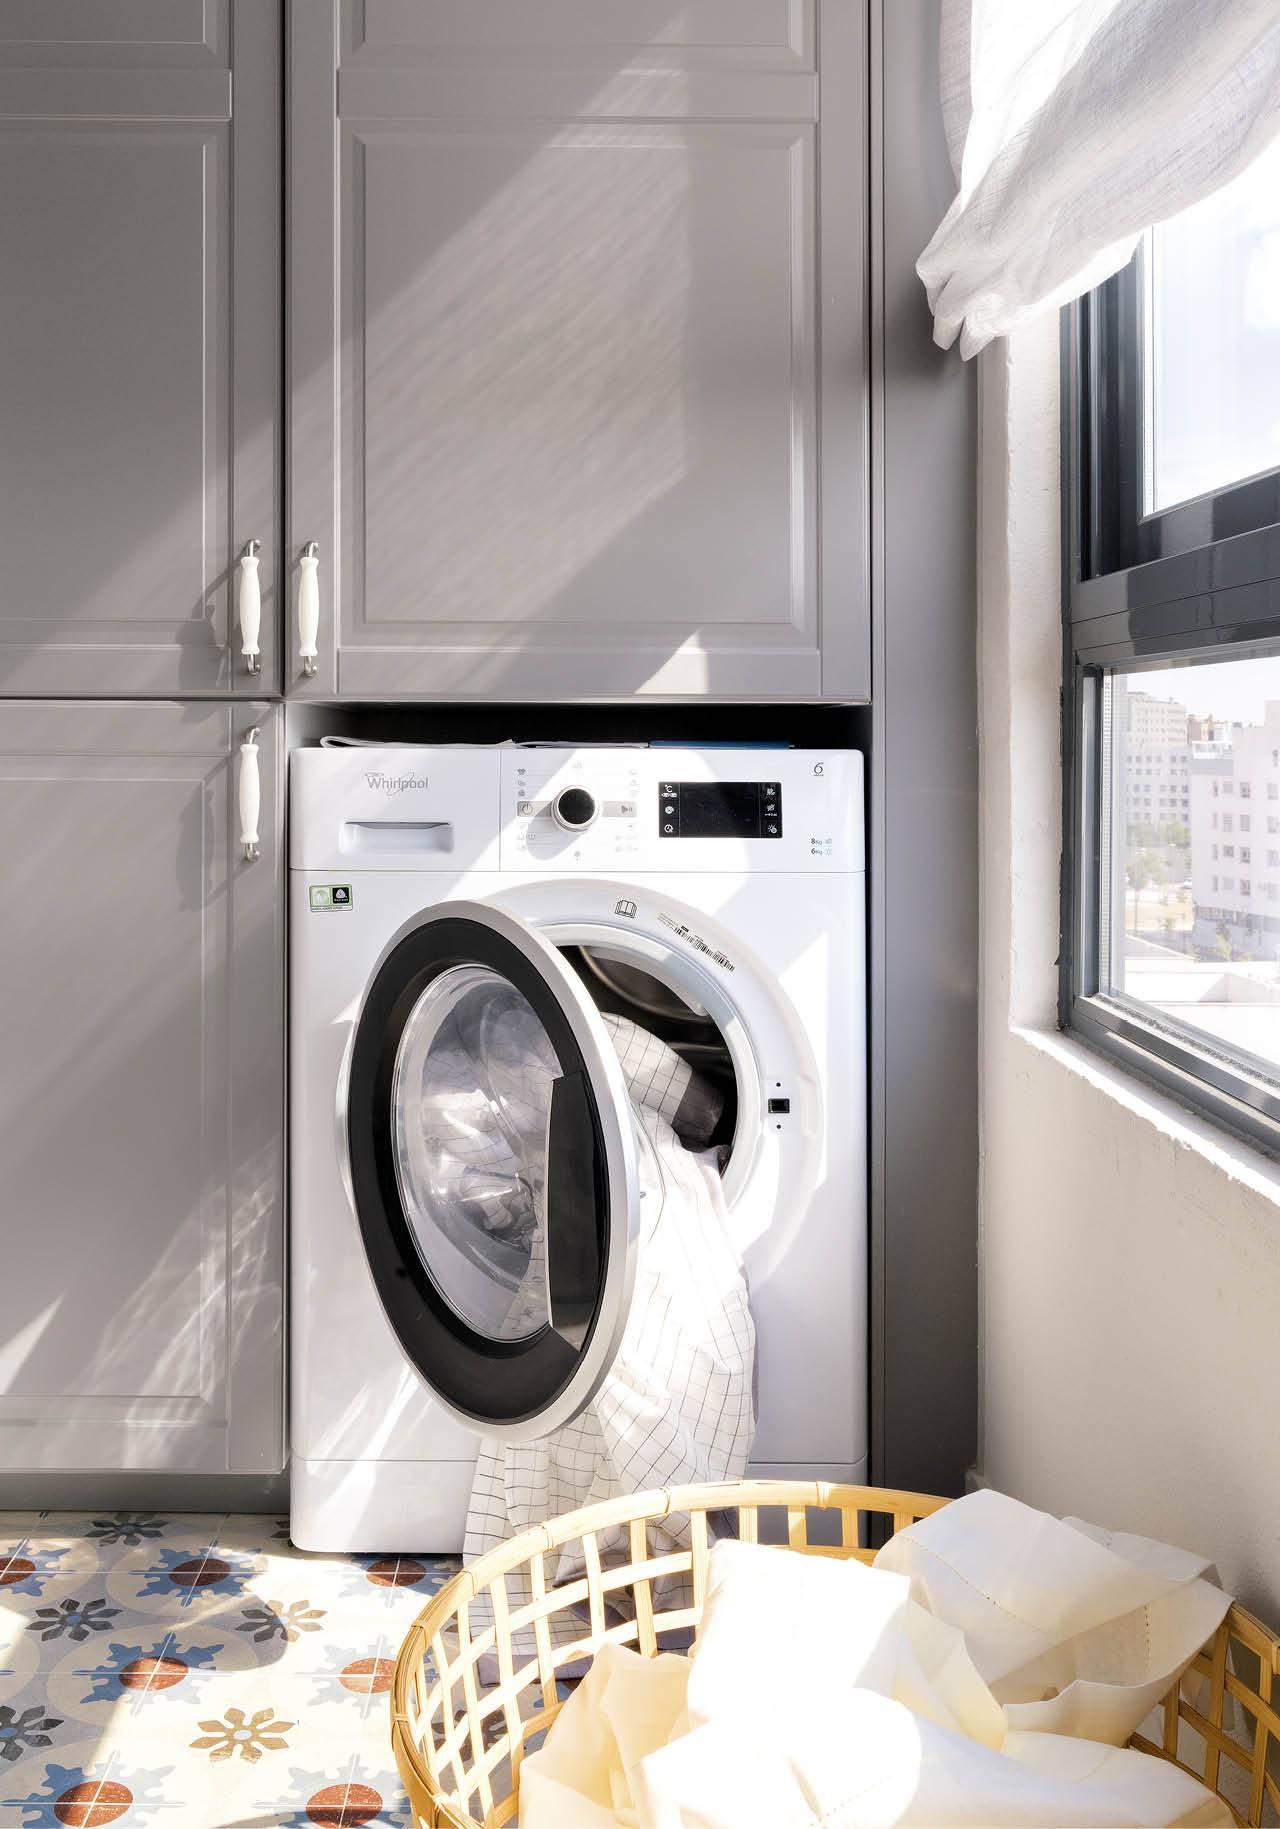 trucos ropa huela bien escoger programa lavado adecuado